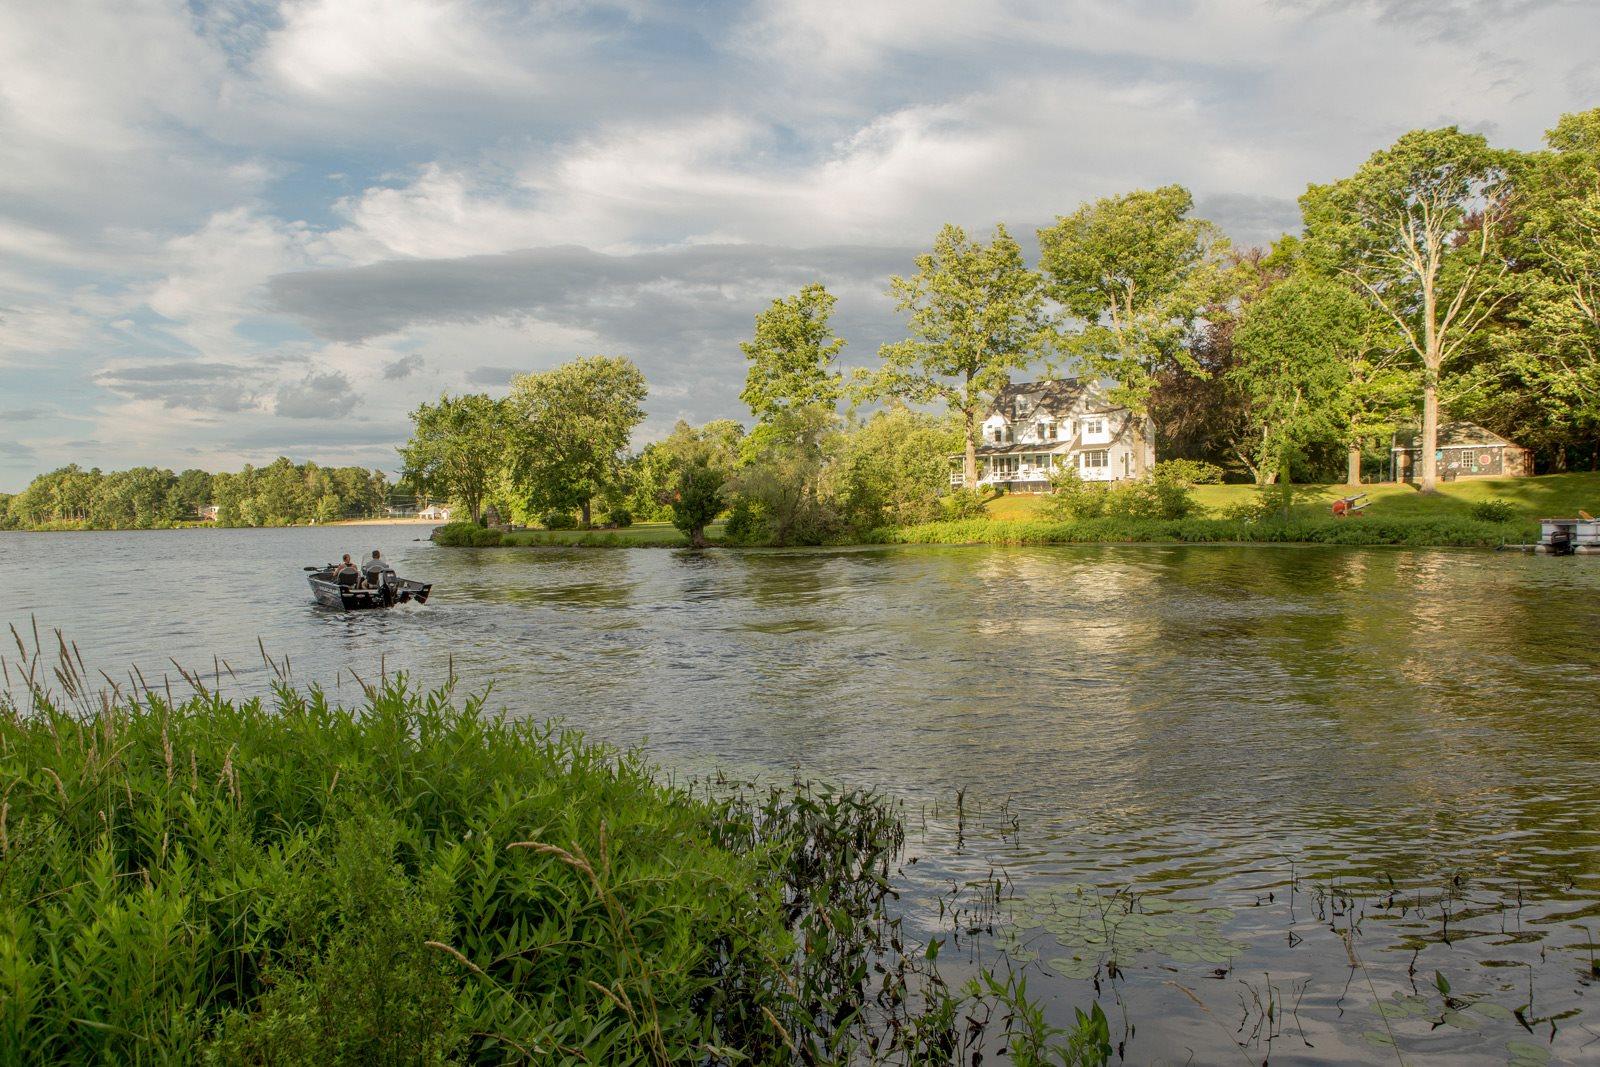 Enjoy Kayaking Nearby at Windsor Ridge at Westborough, 1 Windsor Ridge Drive, Westborough